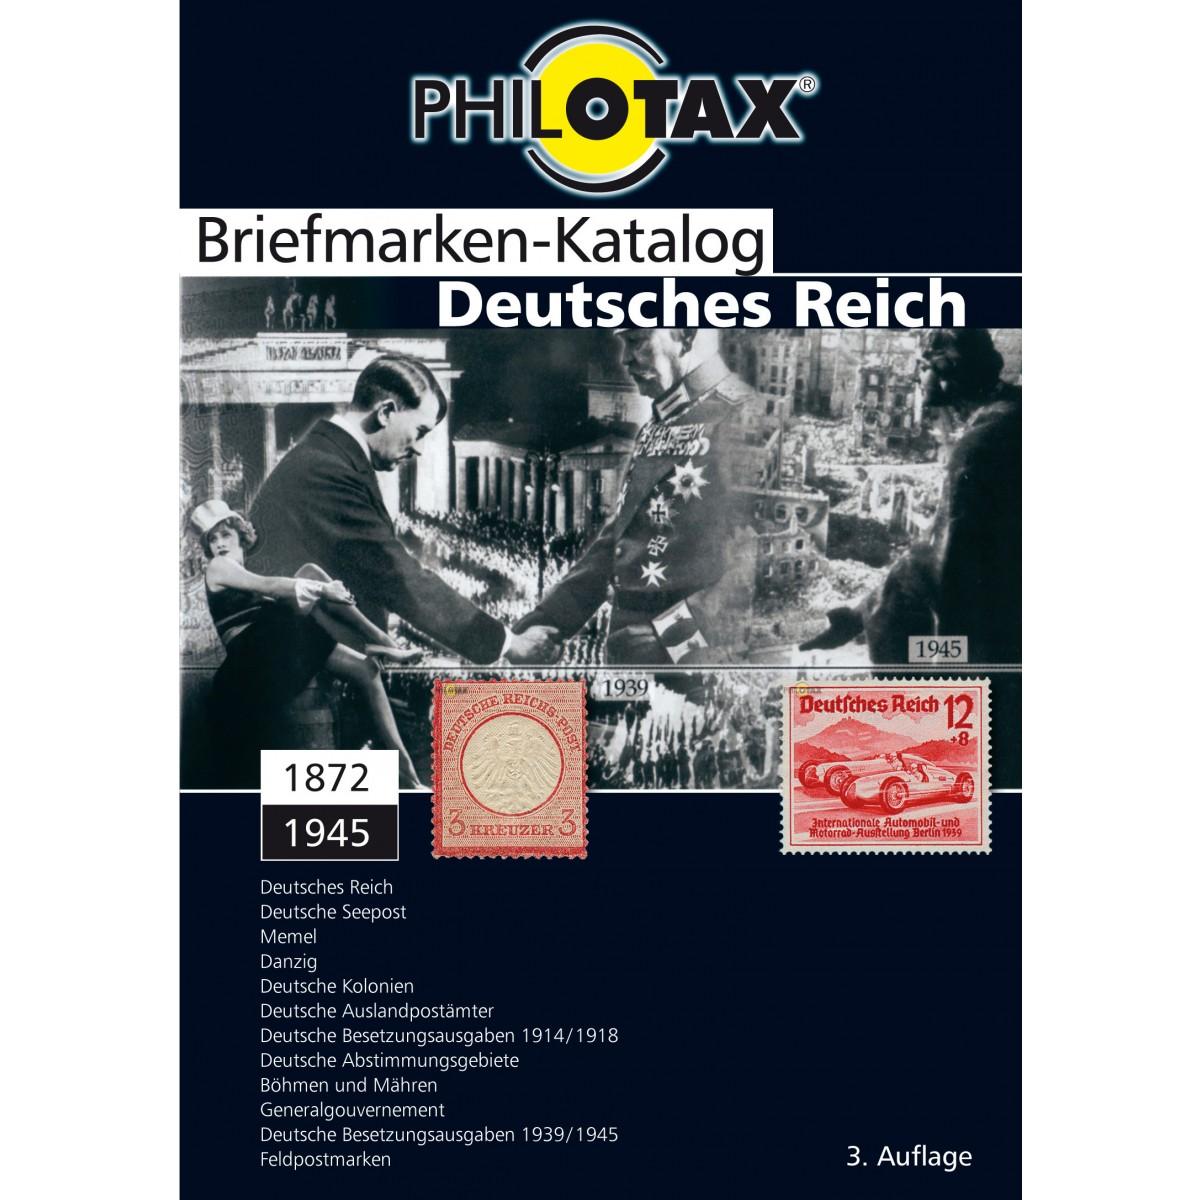 Philotax Dvd Briefmarken Katalog Deutsches Reich